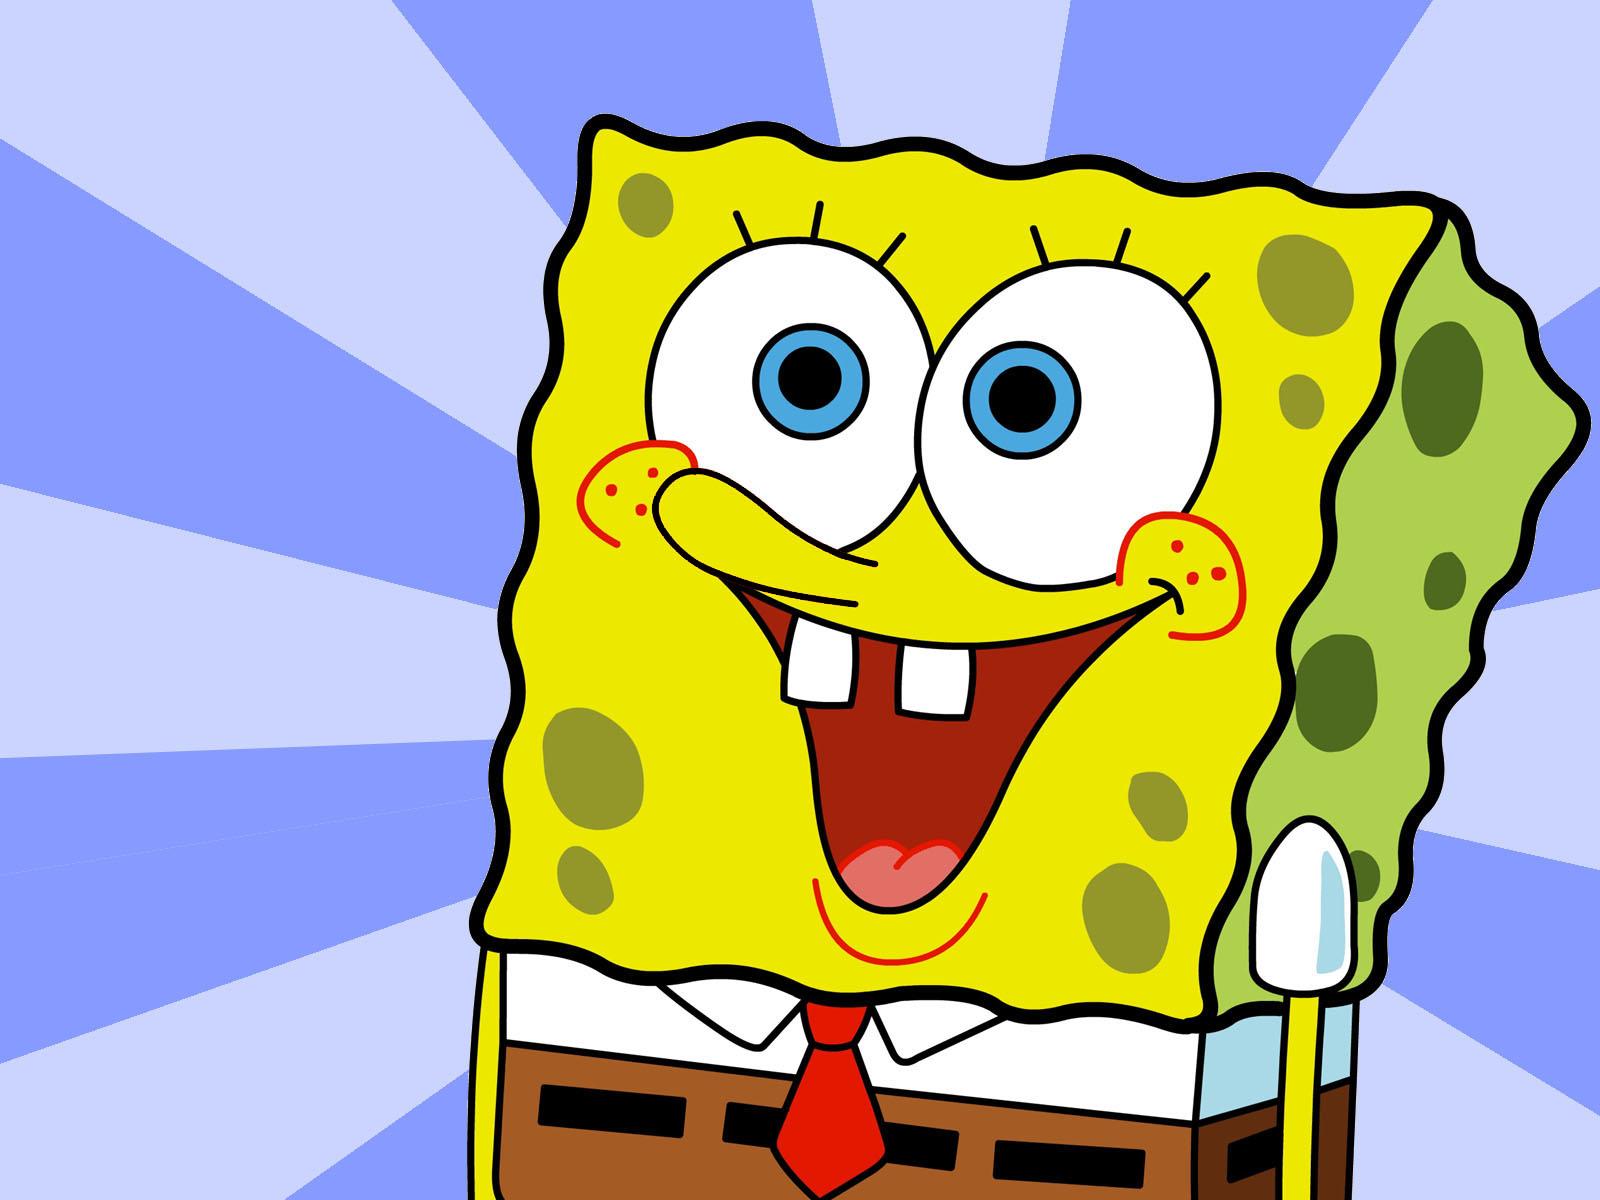 SpongeBob Schwammkopf Malvorlagen kuchen - spongebob schwammkopf malvorlagen